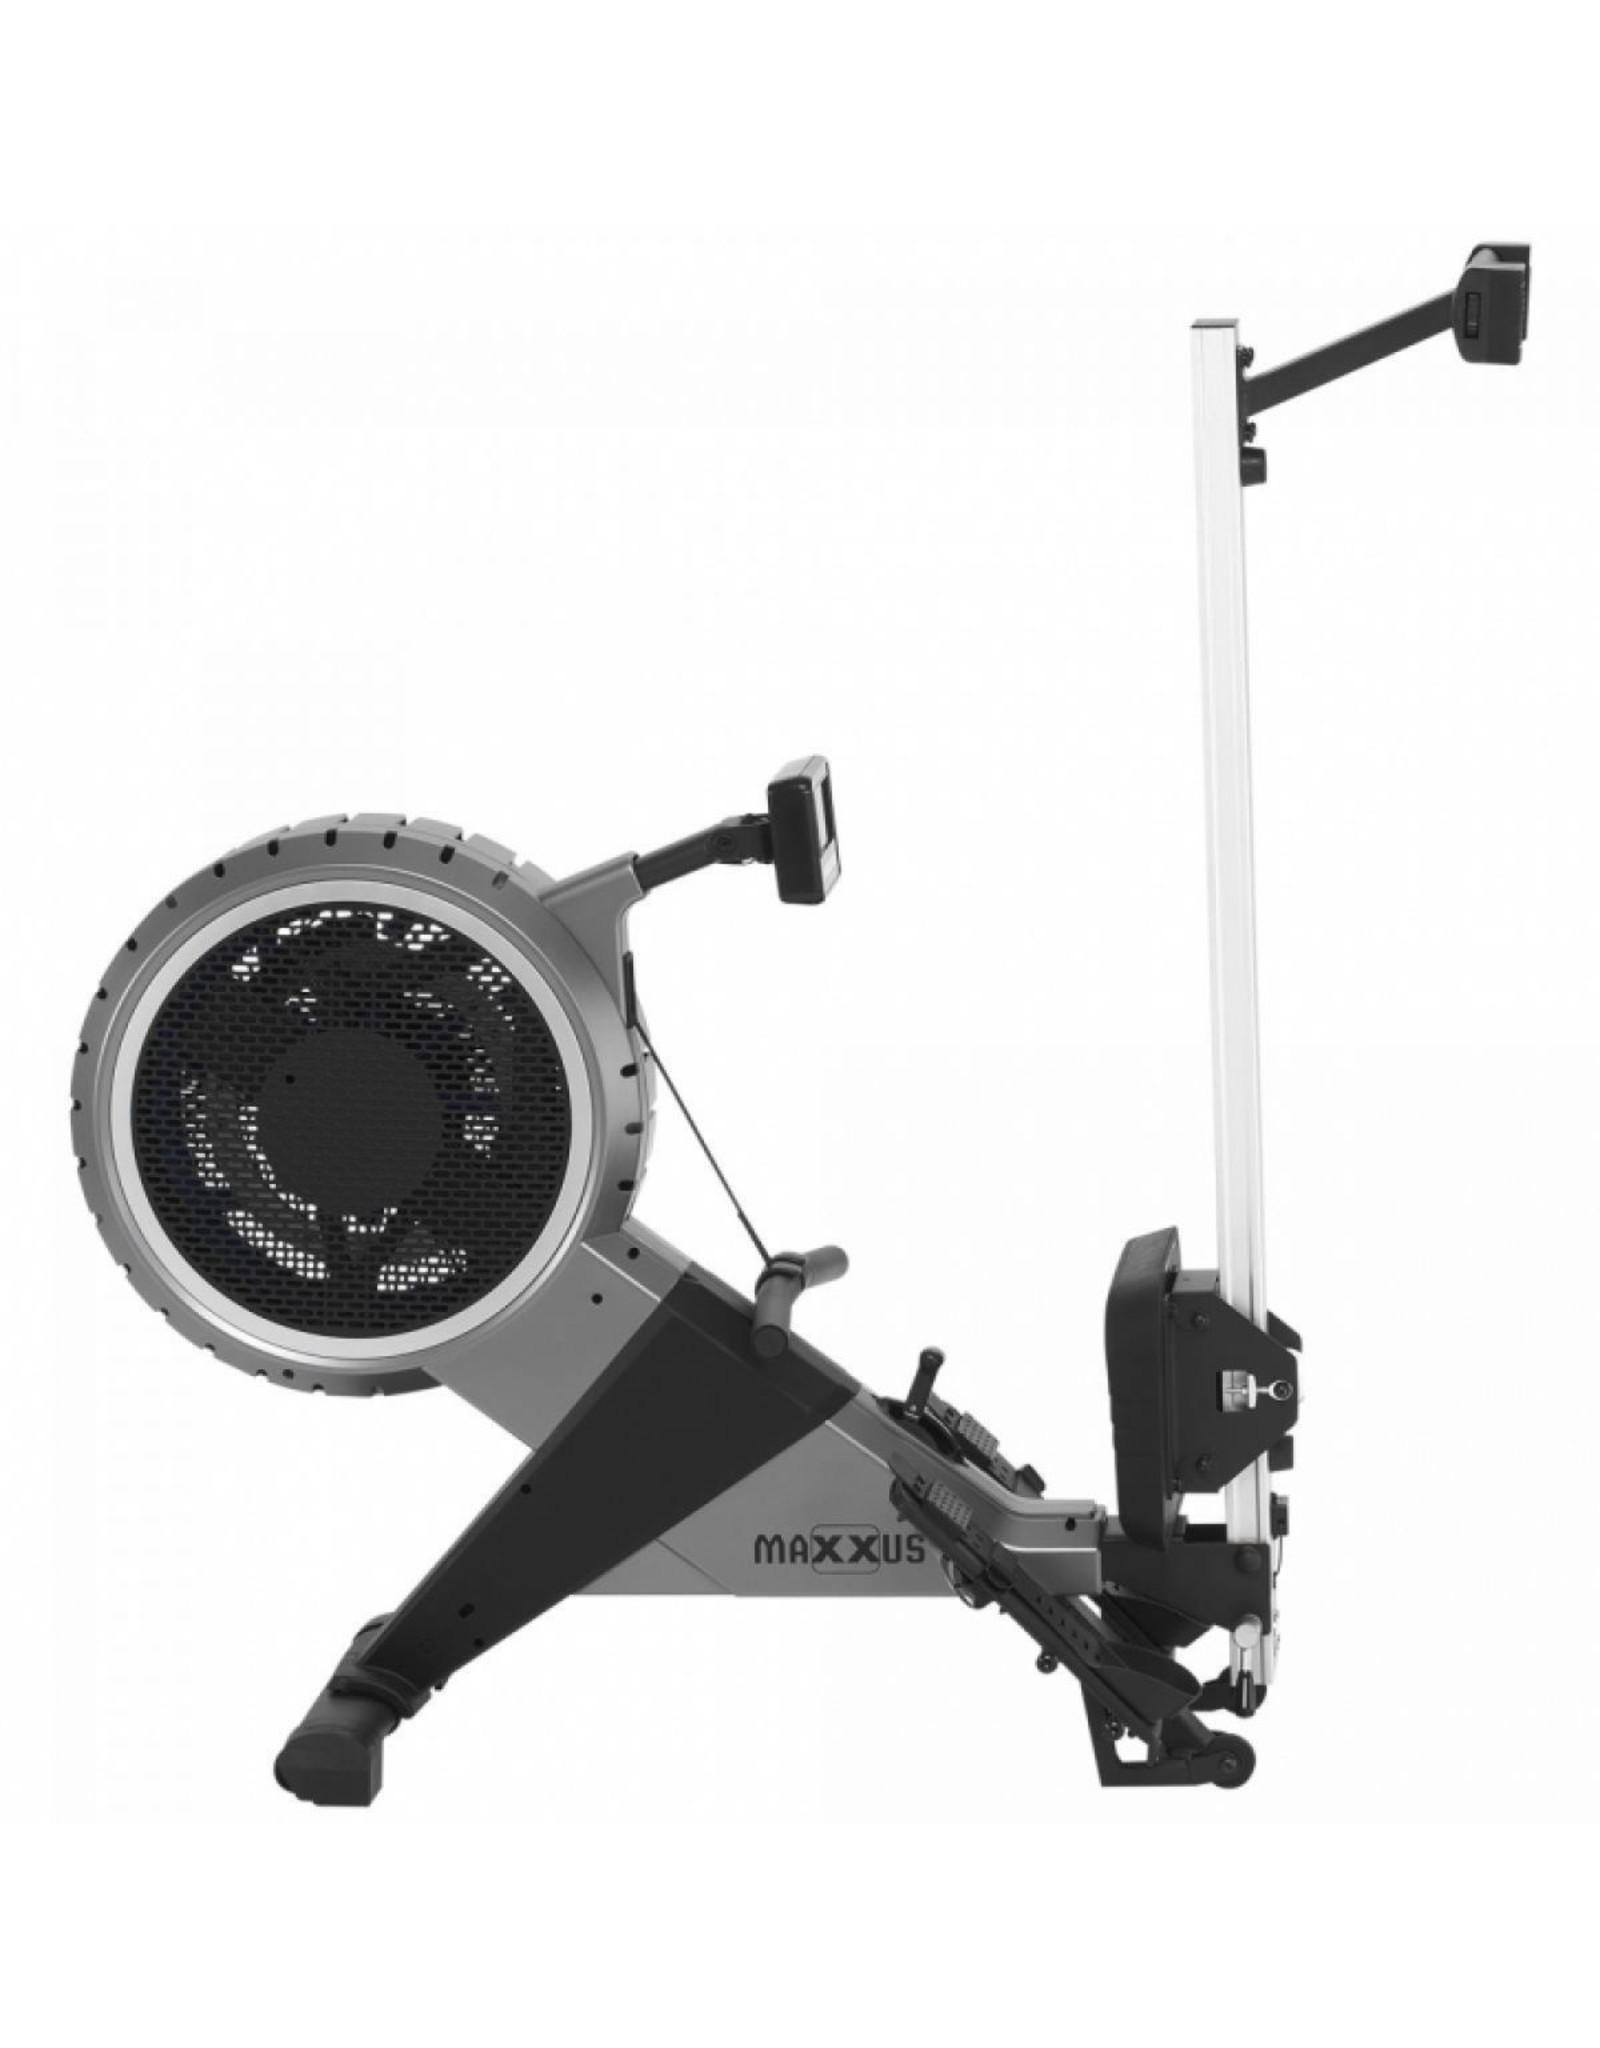 Maxxus MAXXUS Roeimachine 7.4 met trainingscomputer